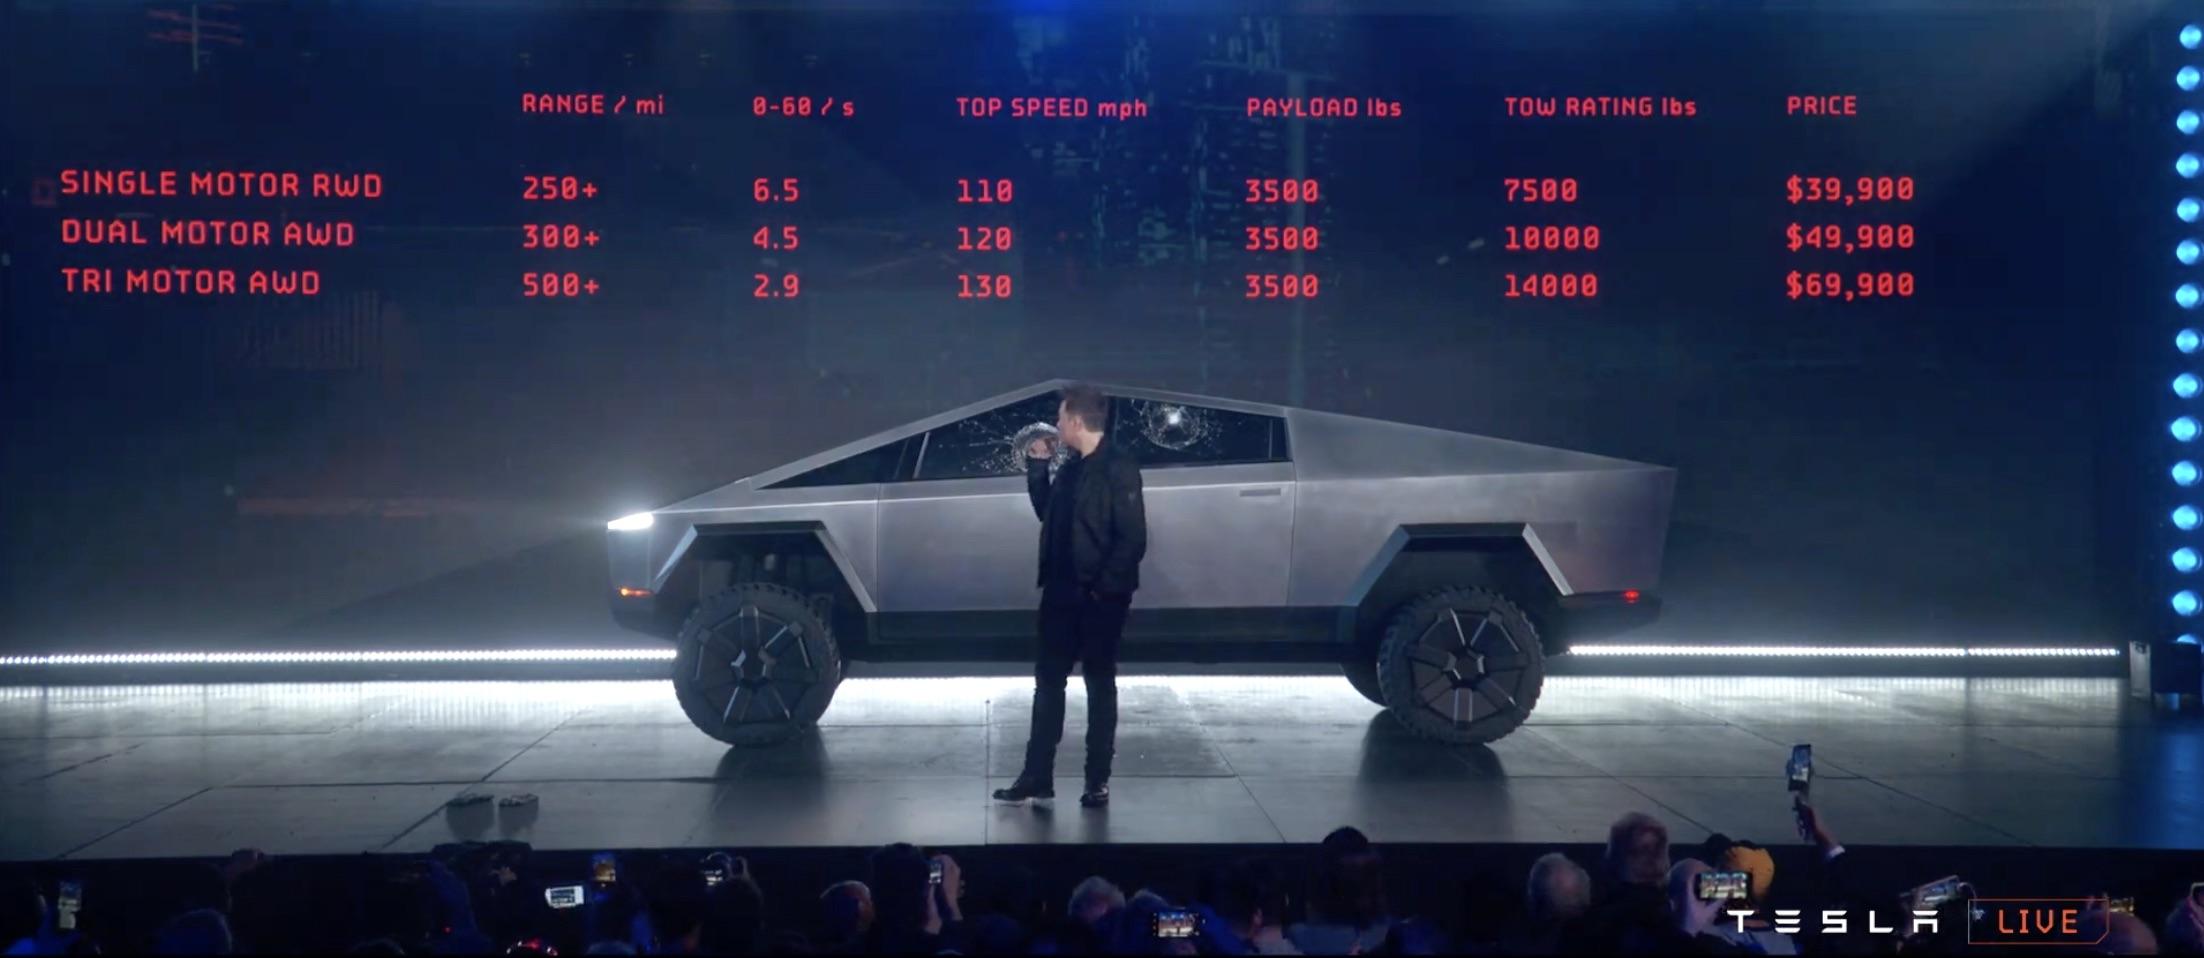 Tesla Cybertruck specs: Elon Musk's pickup by the numbers ...